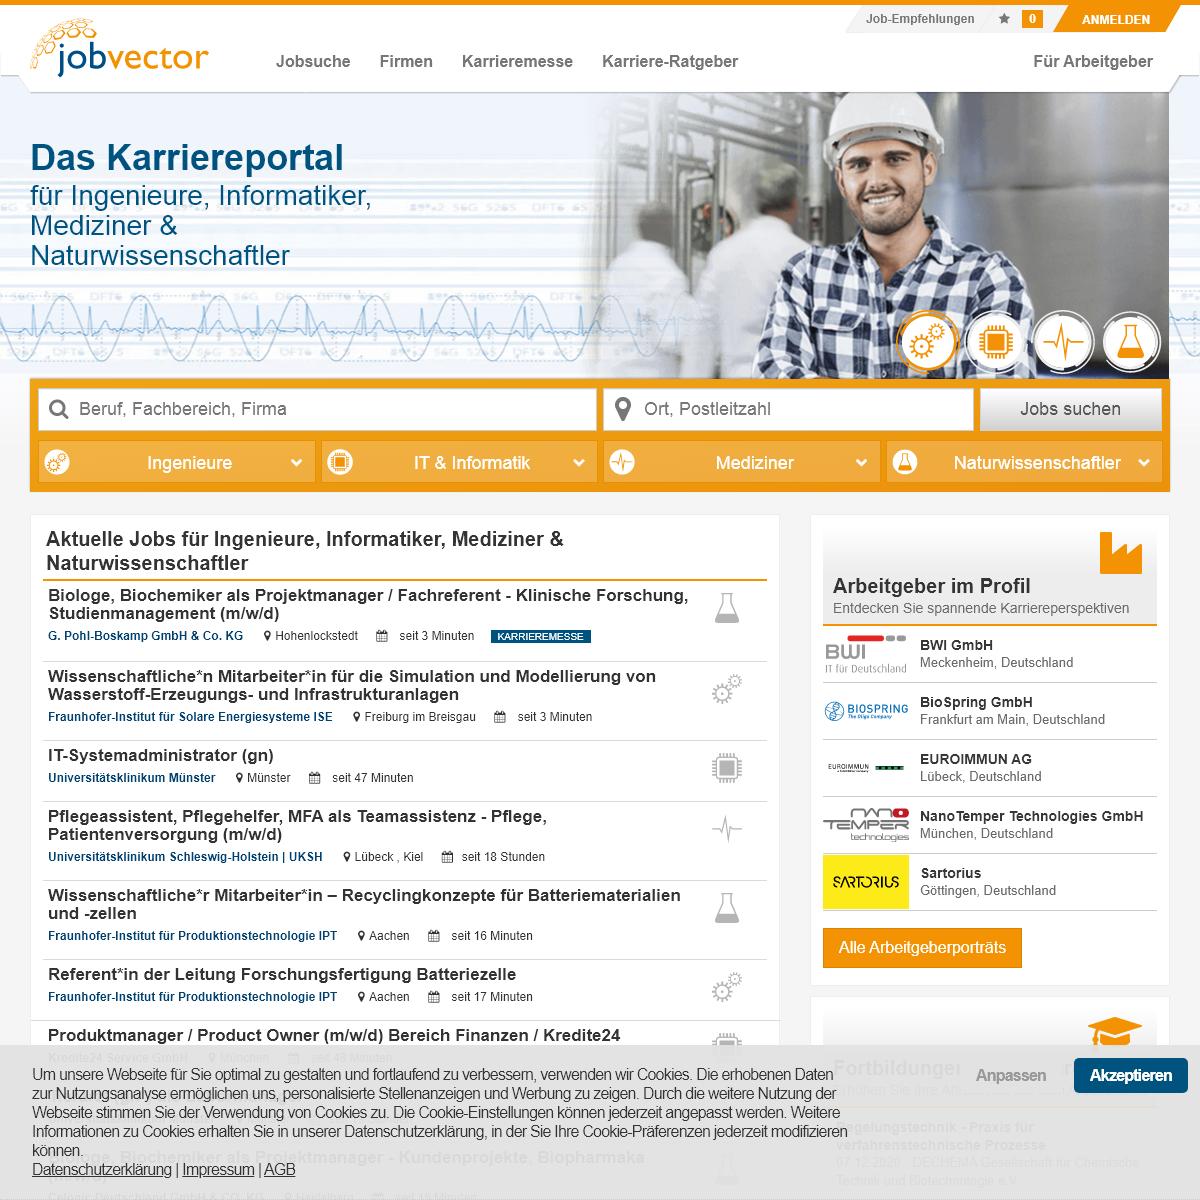 jobvector - Aktuelle Jobs & Stellenangebote - Spezialjobbörse